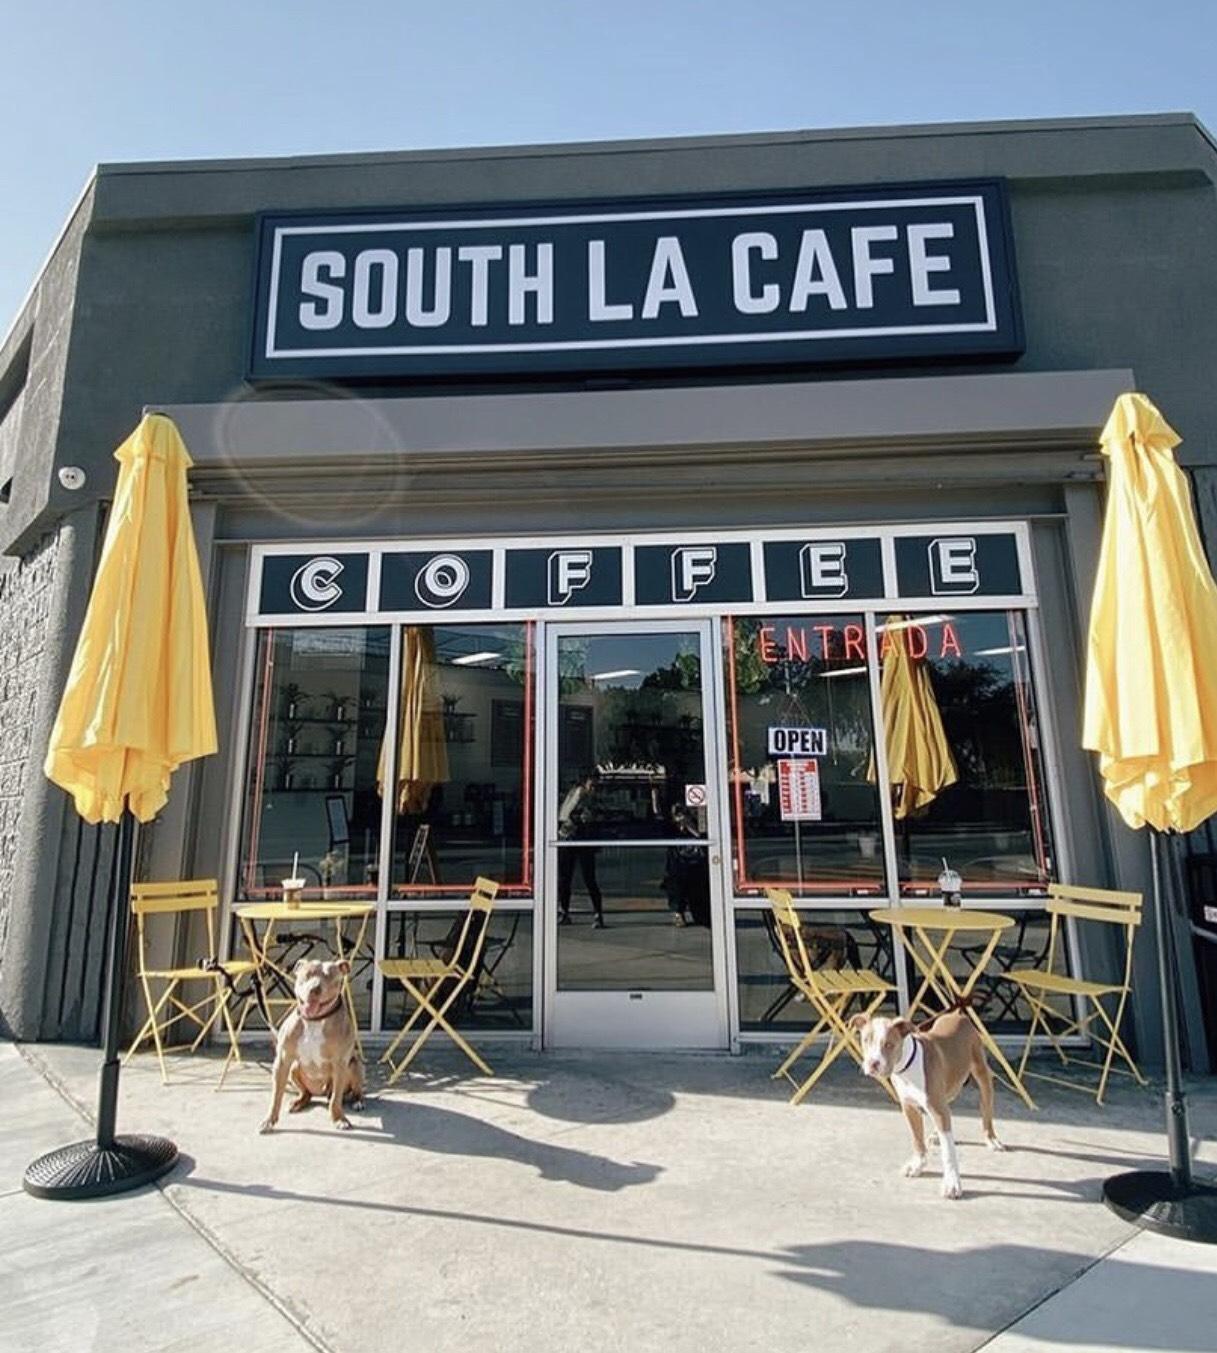 South LA Cafe